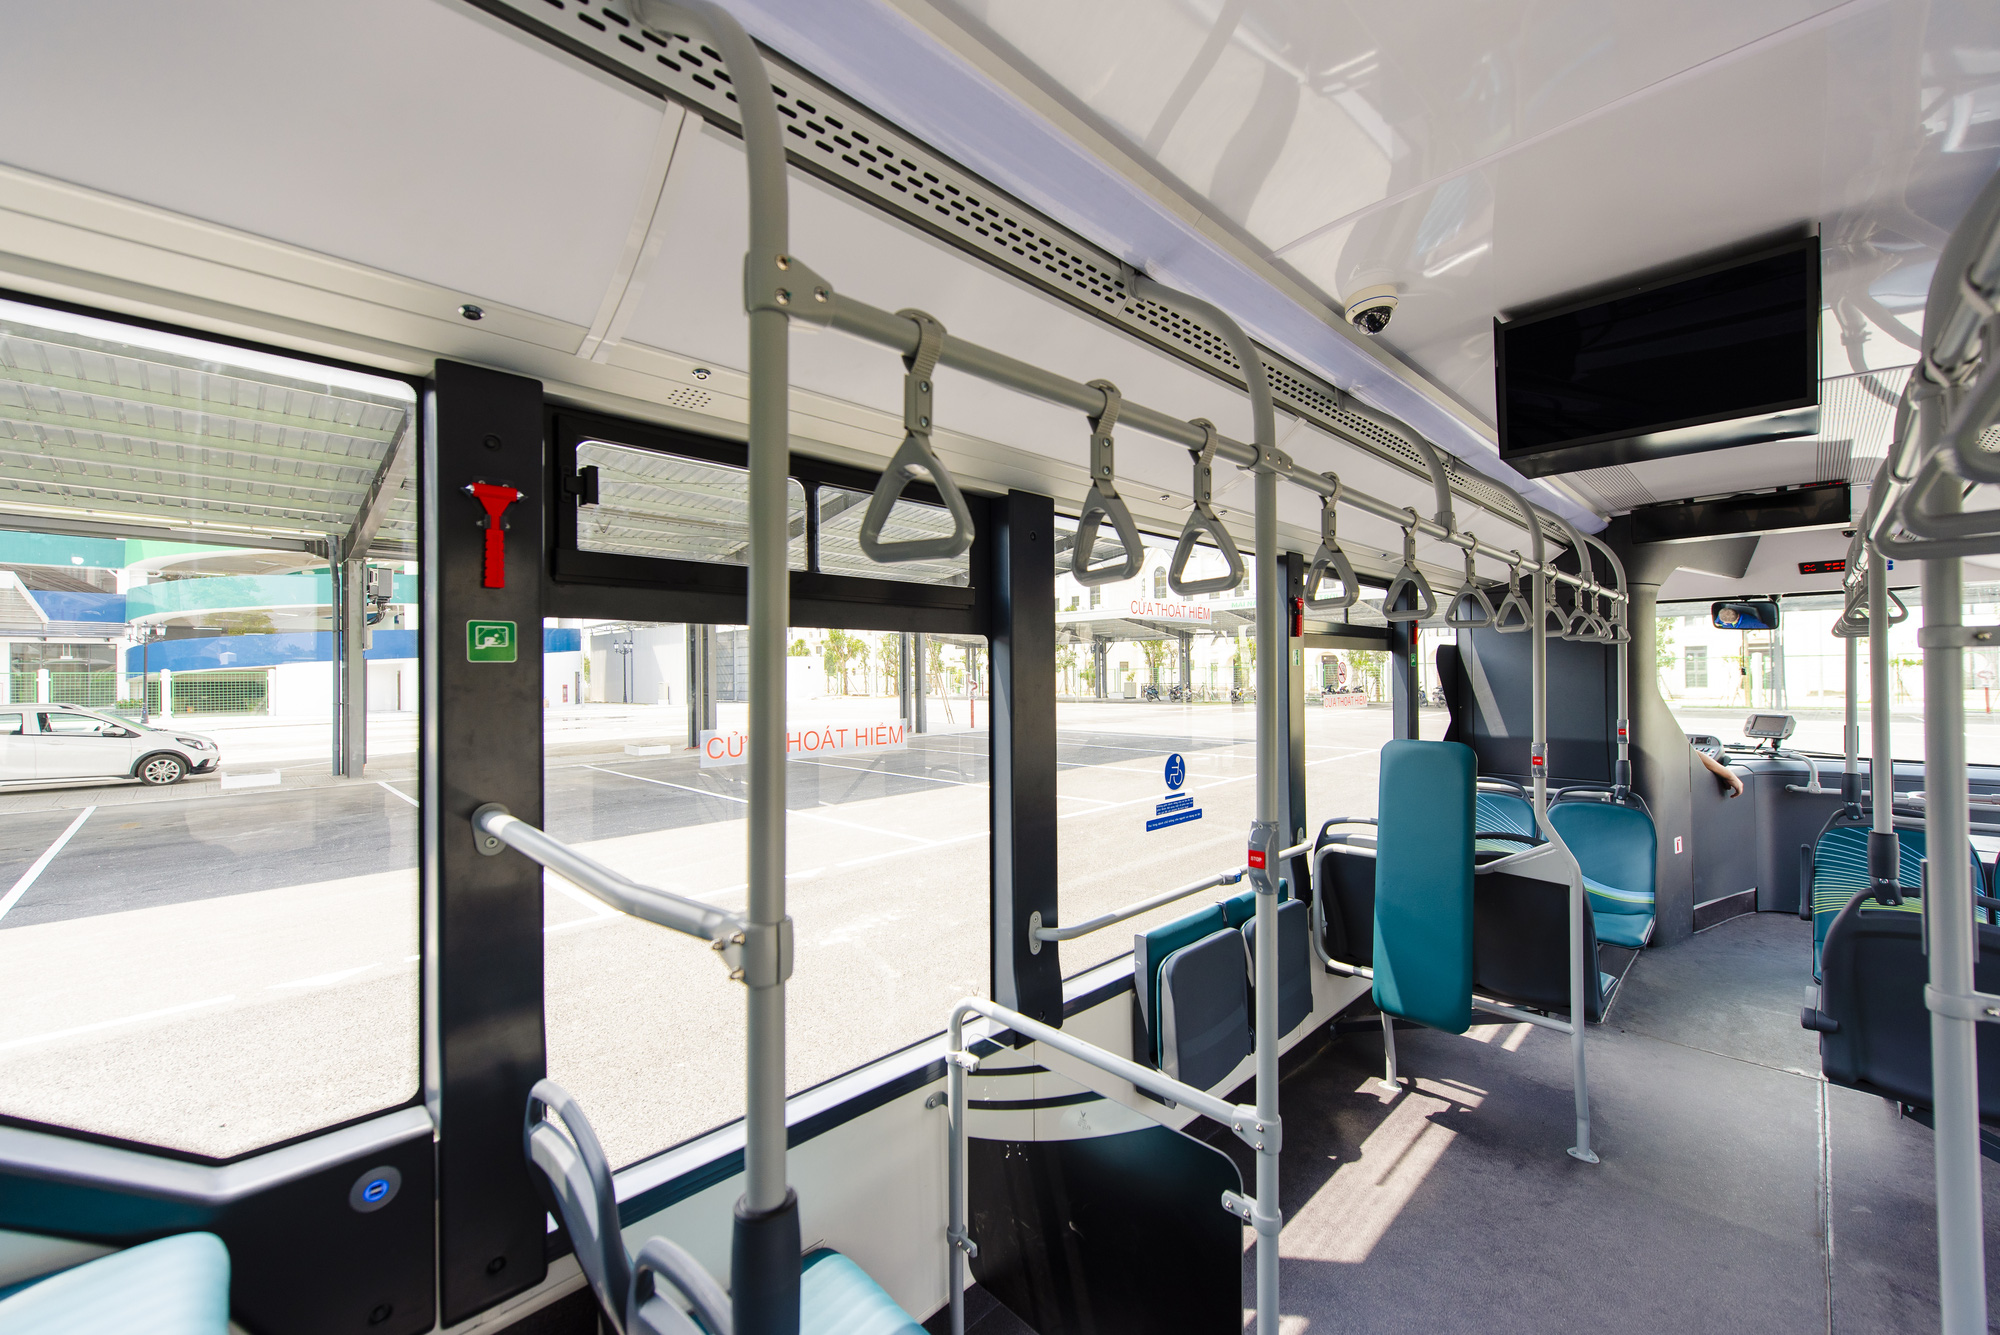 Cận cảnh xe buýt điện VinFast lăn bánh tại Hà Nội, có gì đặc biệt? - Ảnh 6.